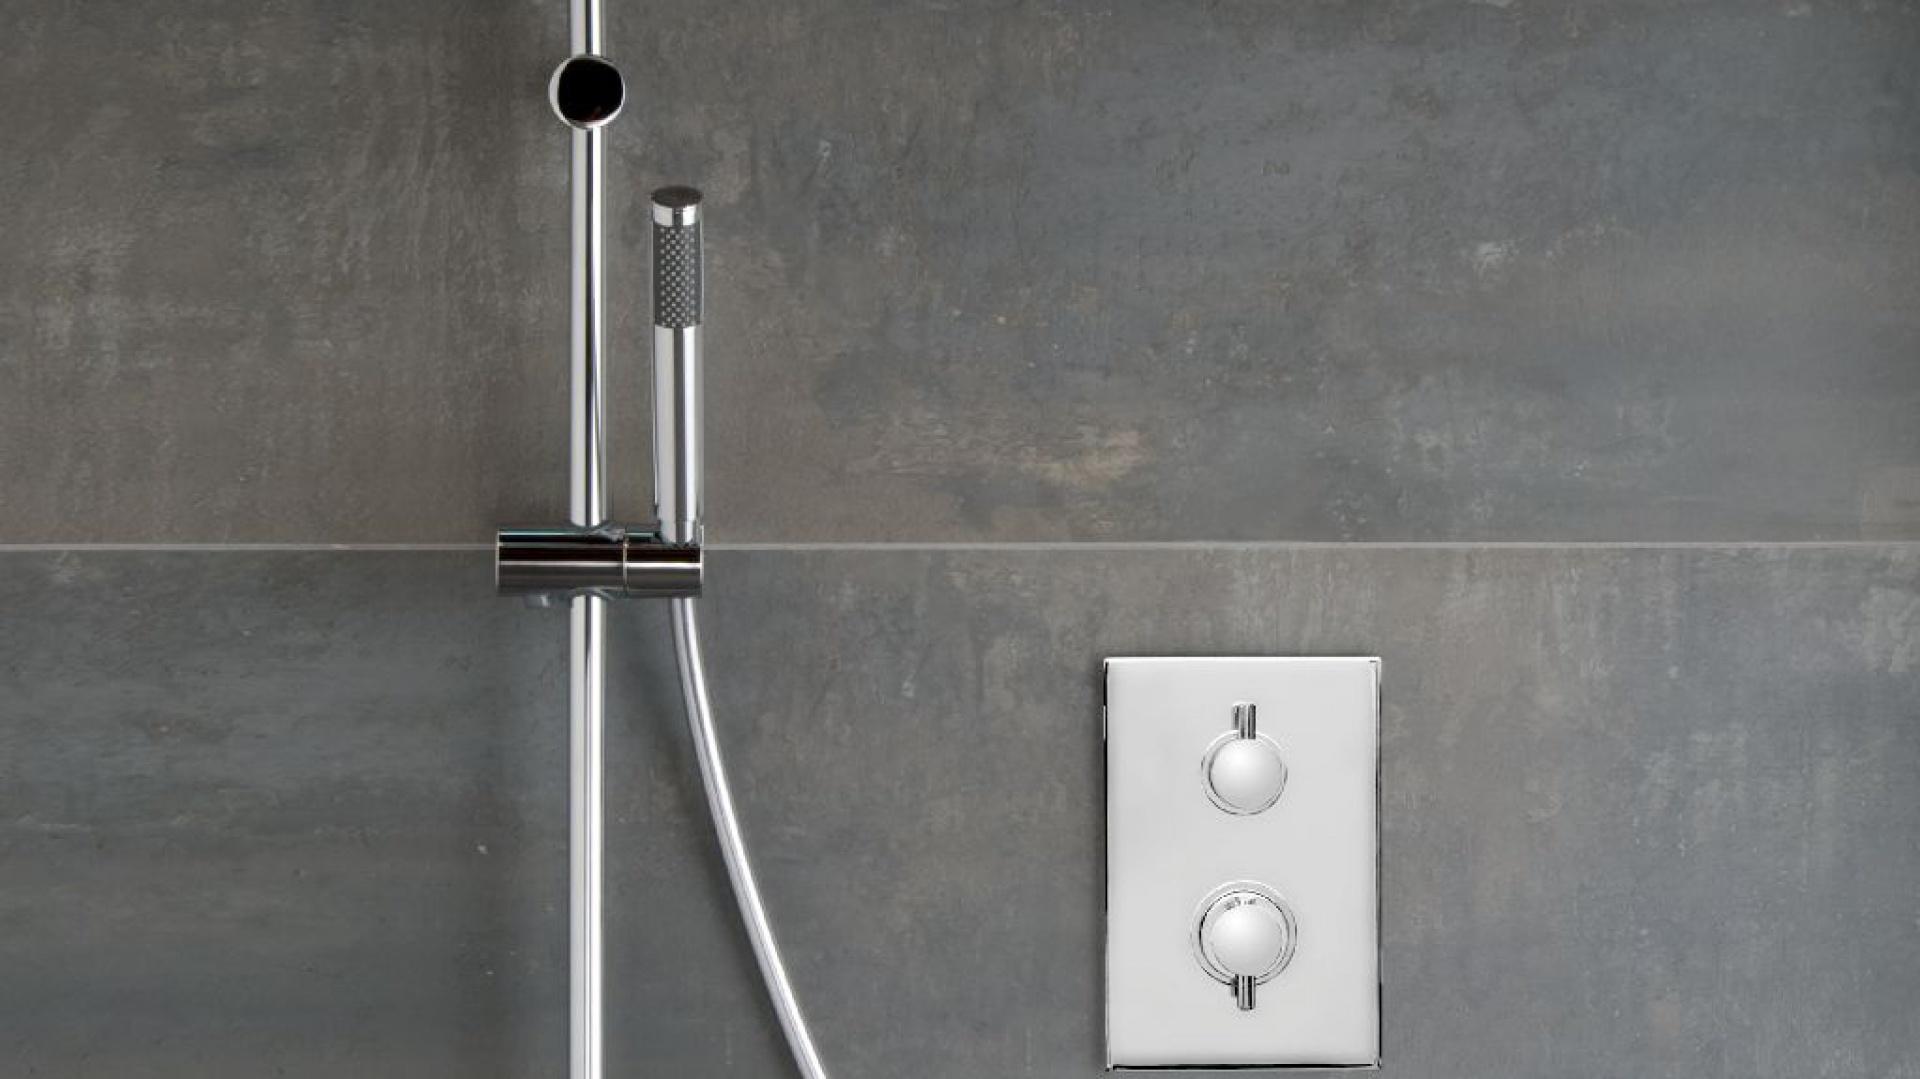 Baterie Prysznicowe Z Termostatem Modne I Nowoczesne Pomysły Do